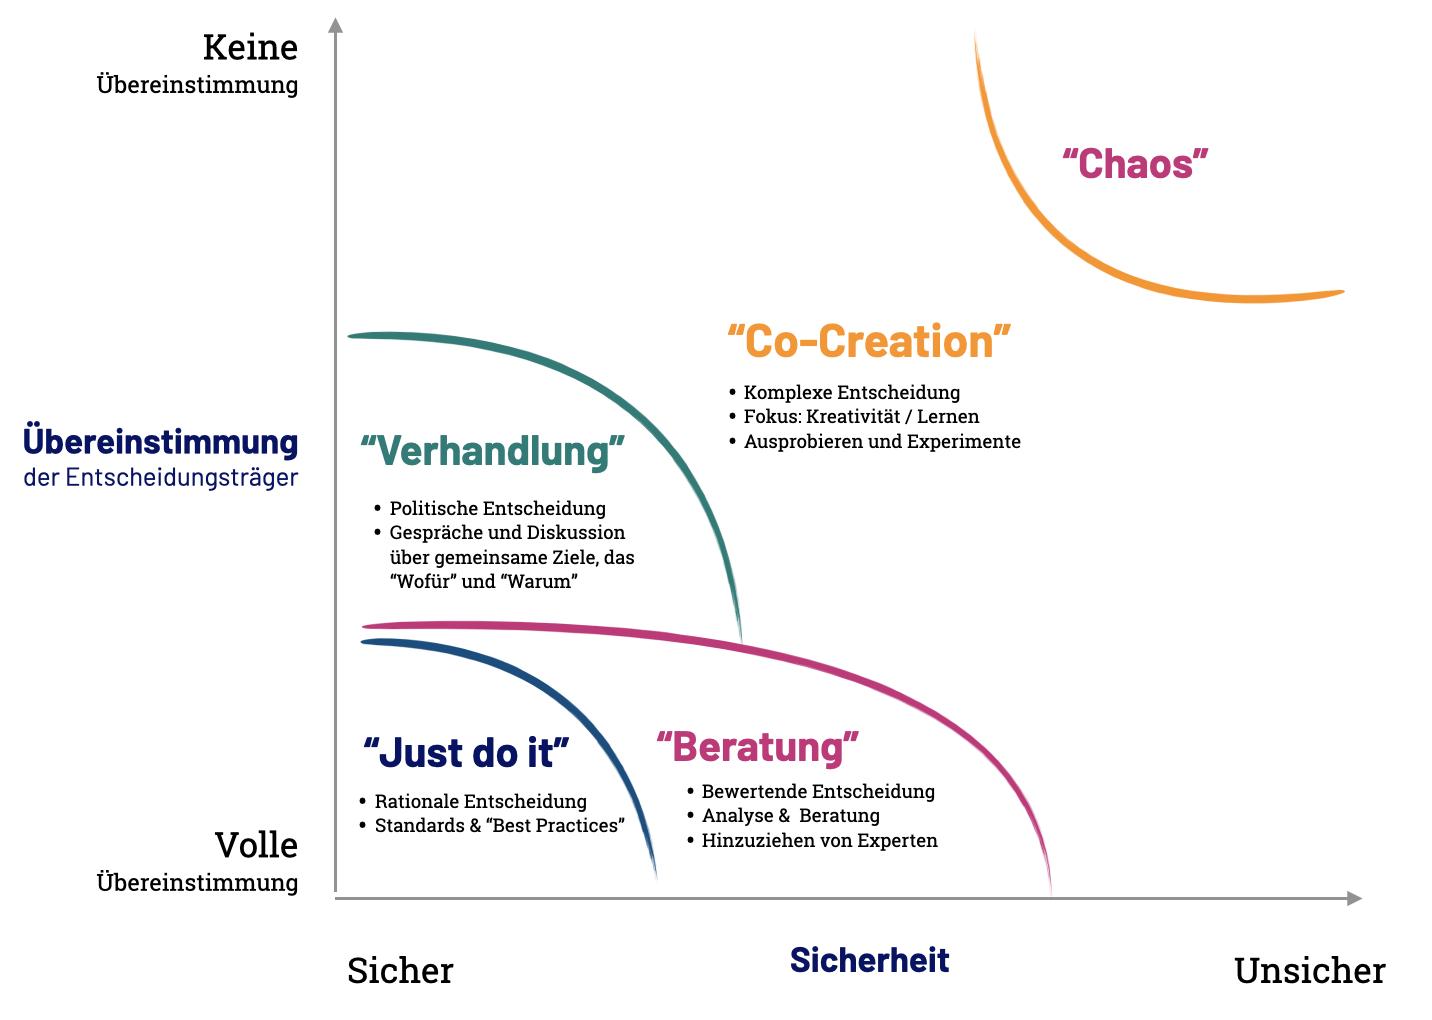 Die ursprüngliche Darstellung der Stacey Matrix mit (m)einer freien Übersetzung